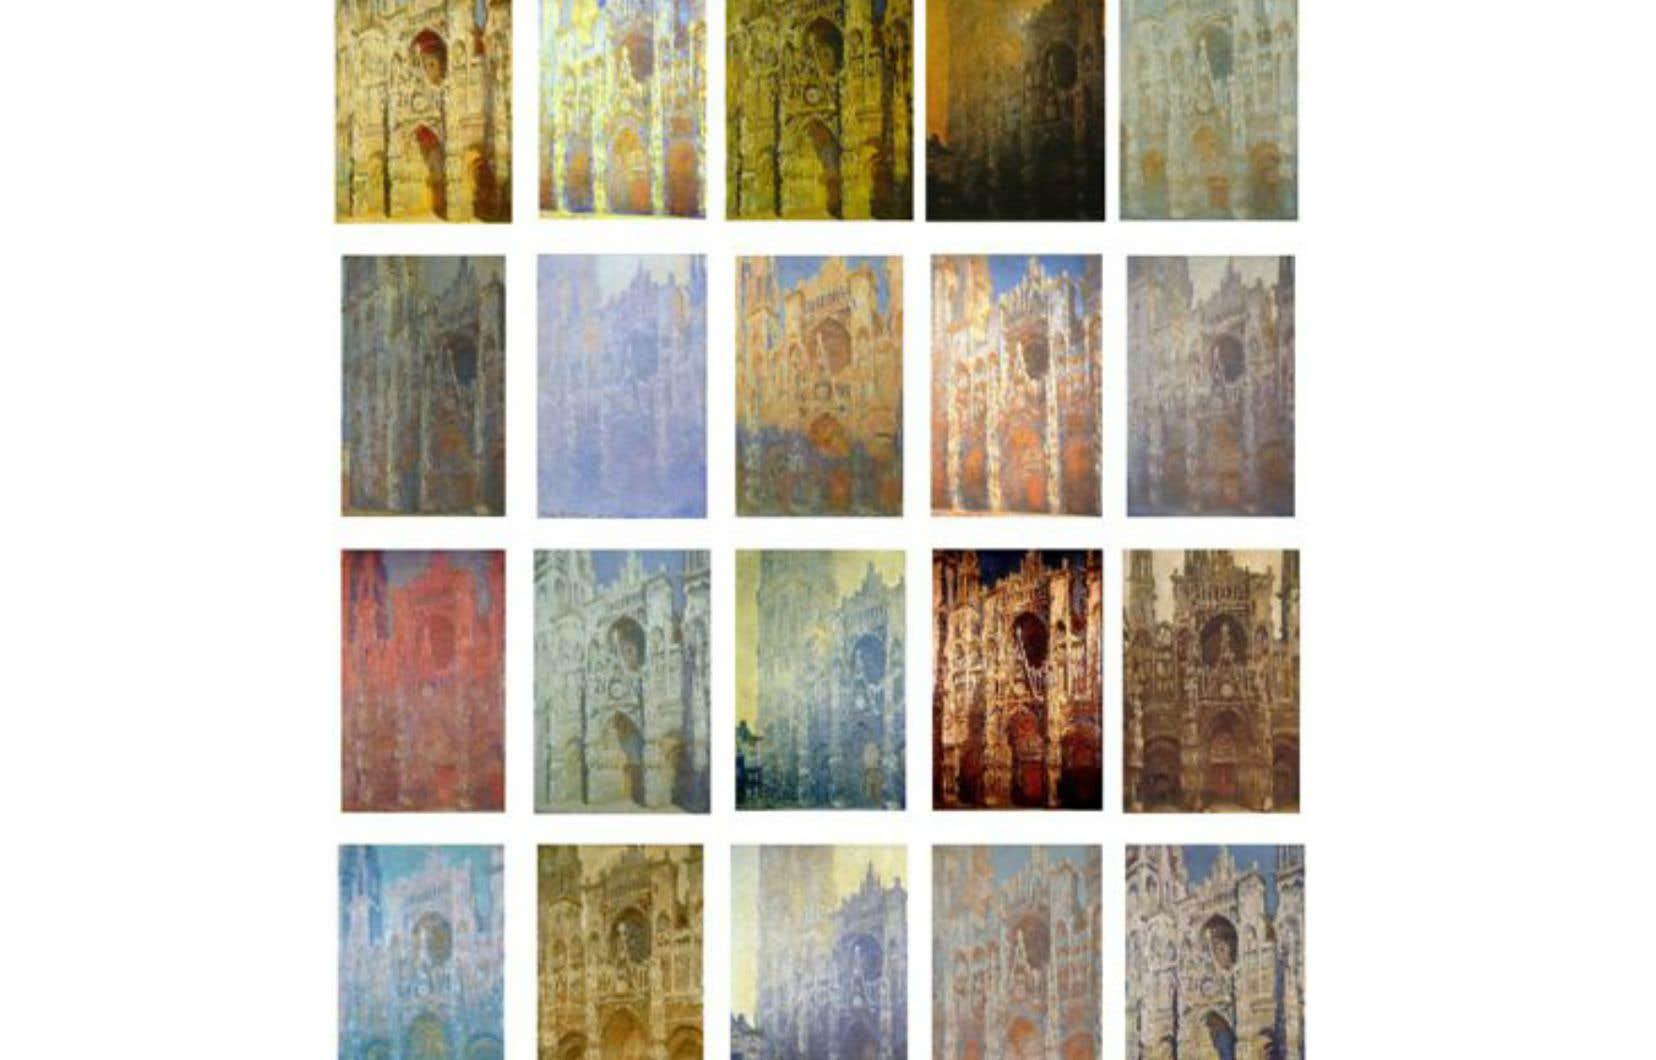 Une série de tableaux de Claude Monet représentant la cathédrale de Rouen. Chaque version est éclairée de façon très différente selon que l'artiste a peint la cathédrale le soir ou le matin, voire à un moment différent de l'année.